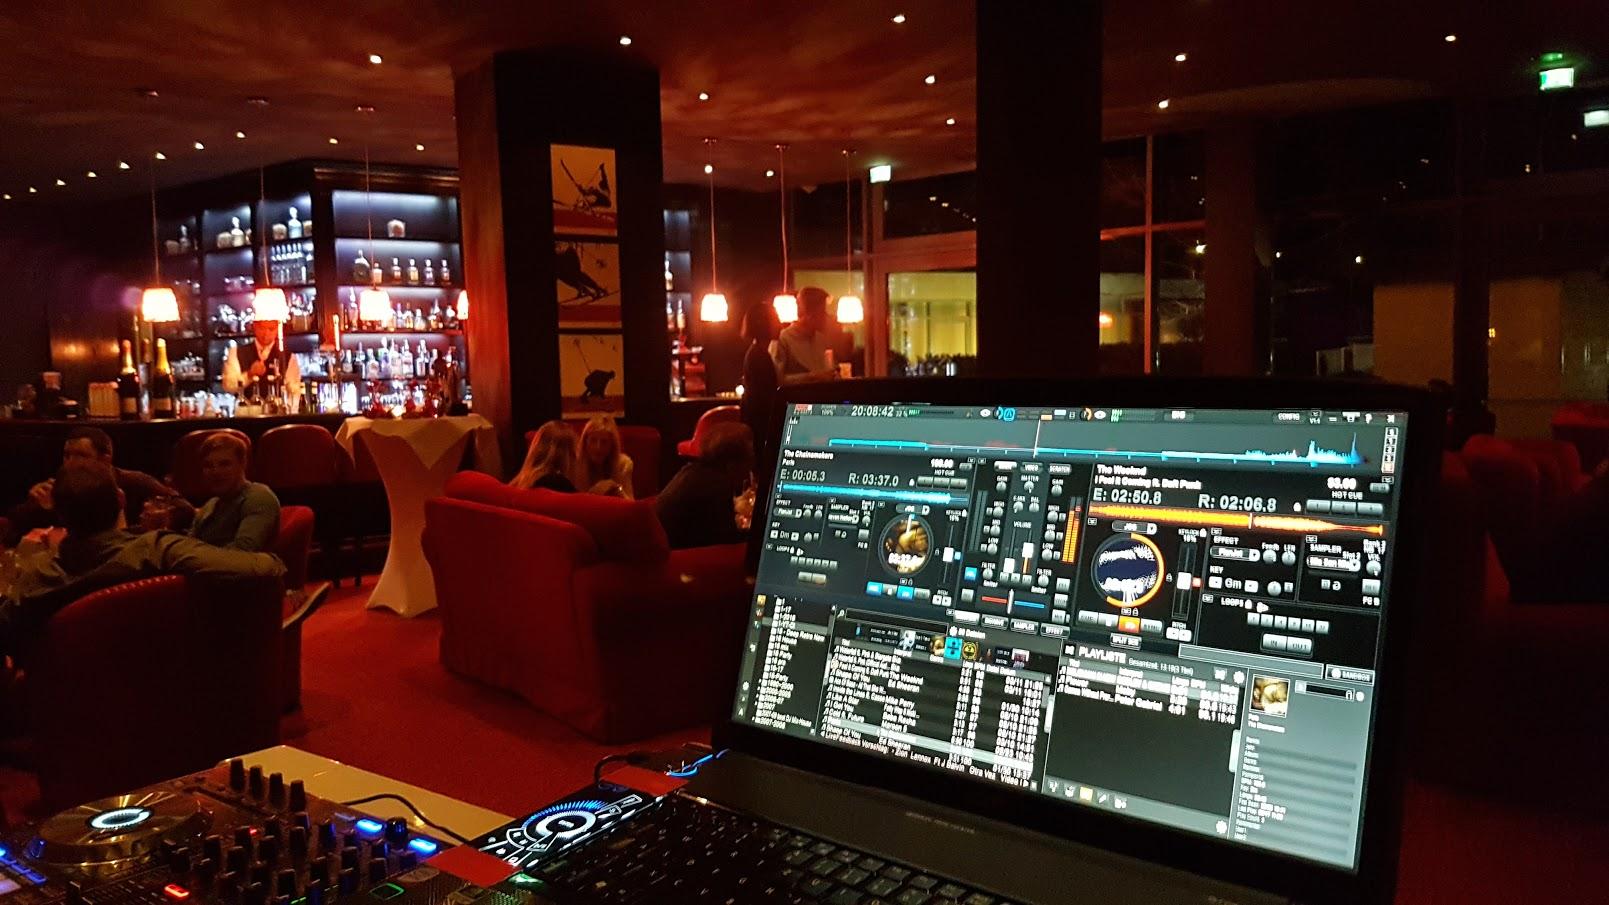 DJ @ Kempinski Smokers Lounge